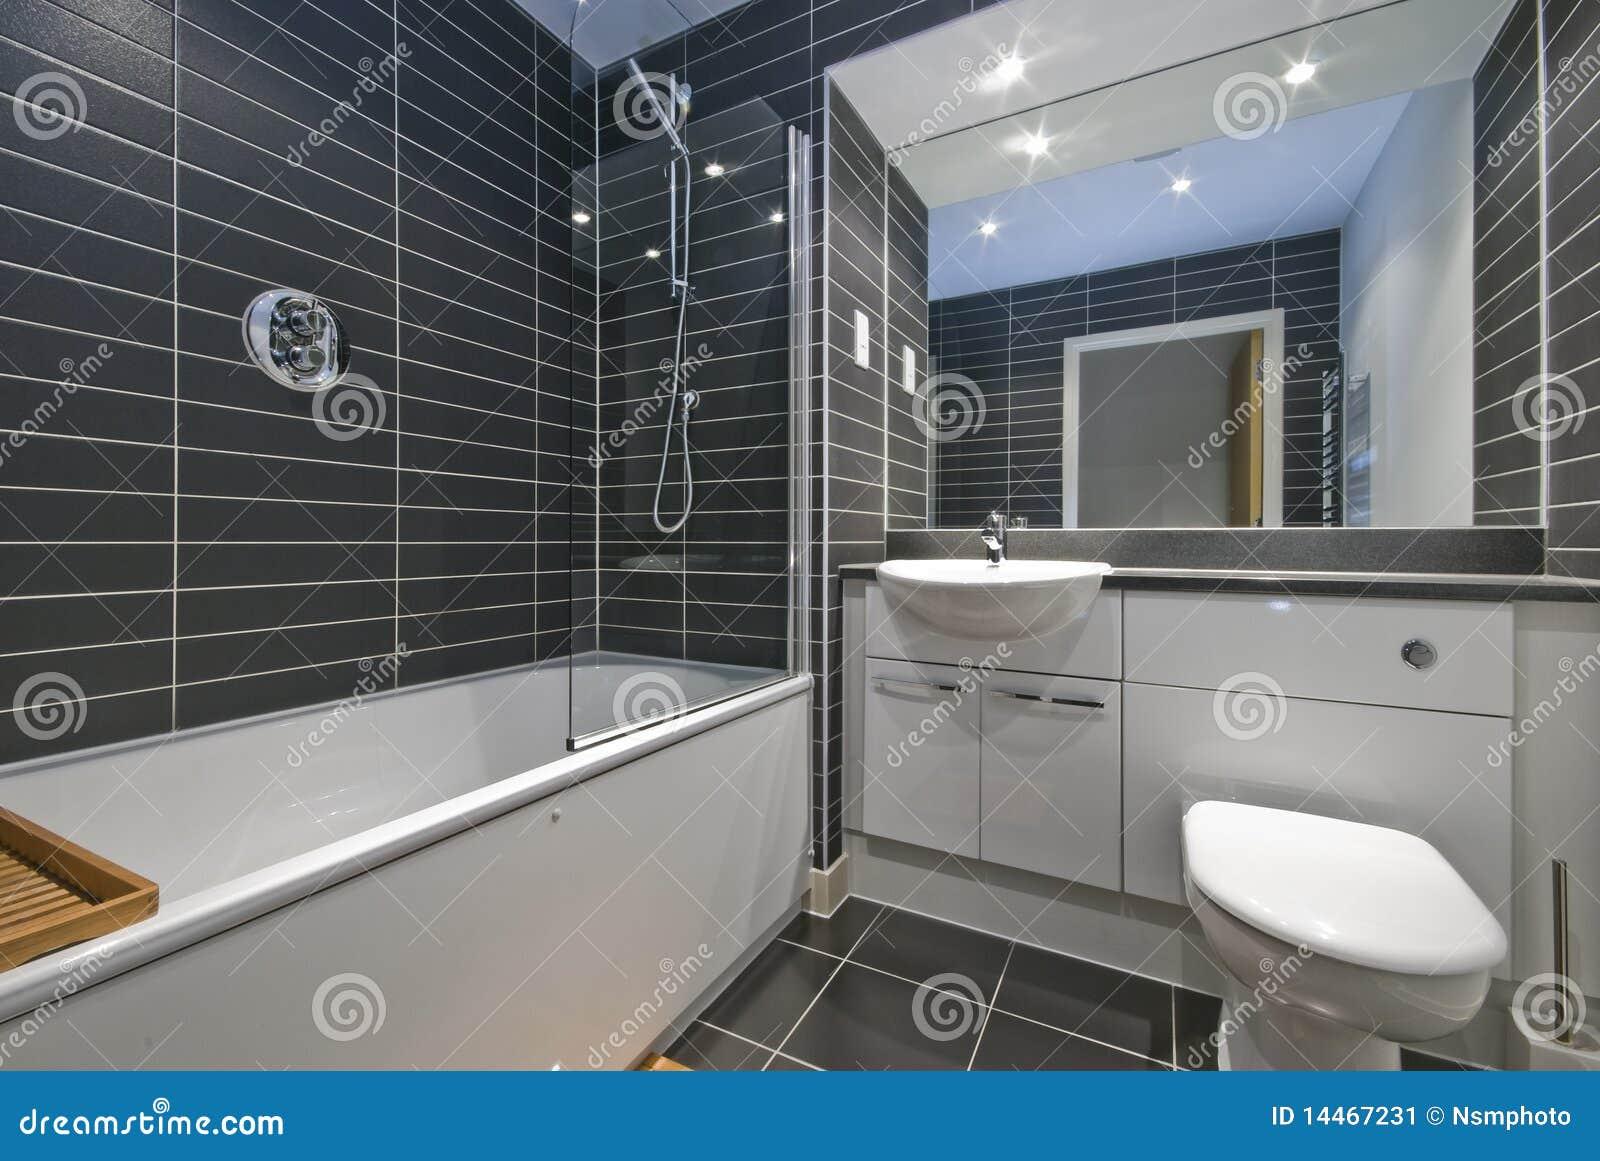 Cuarto de baño contemporáneo con los azulejos negros